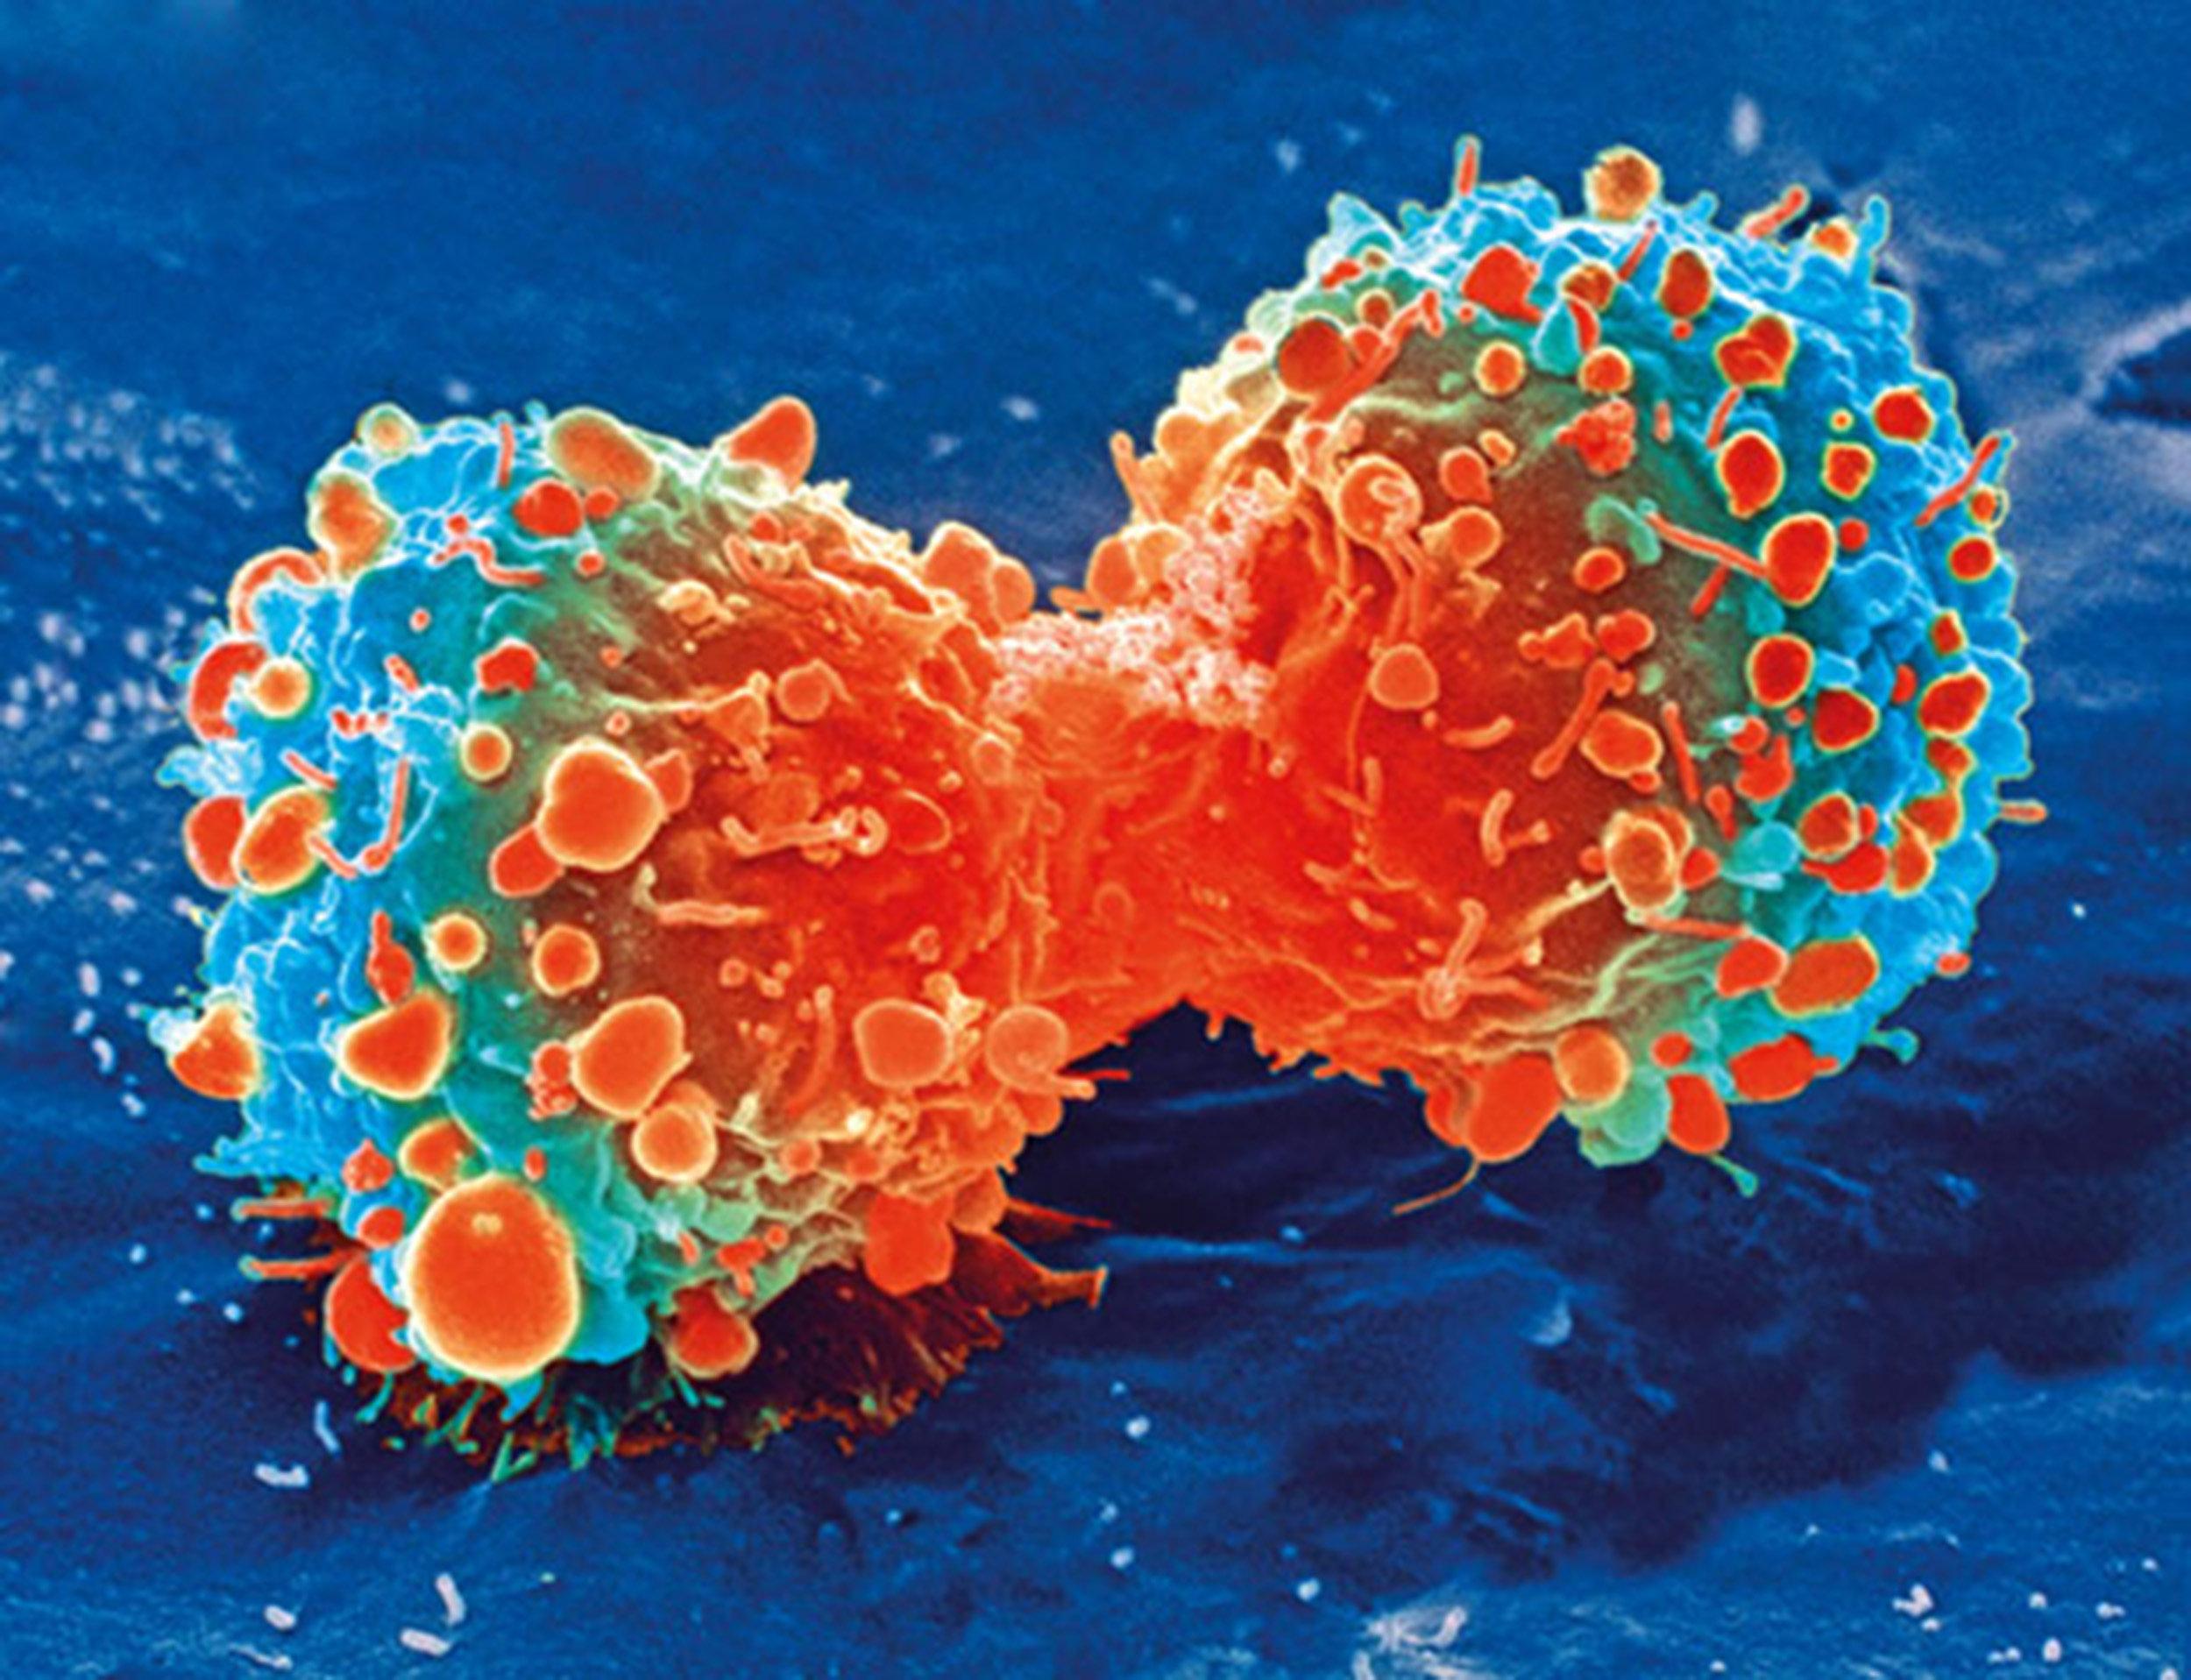 Größte Studie von Prostata-Krebs genomics in Schwarzen Amerikaner-IDs Ziele für Therapien